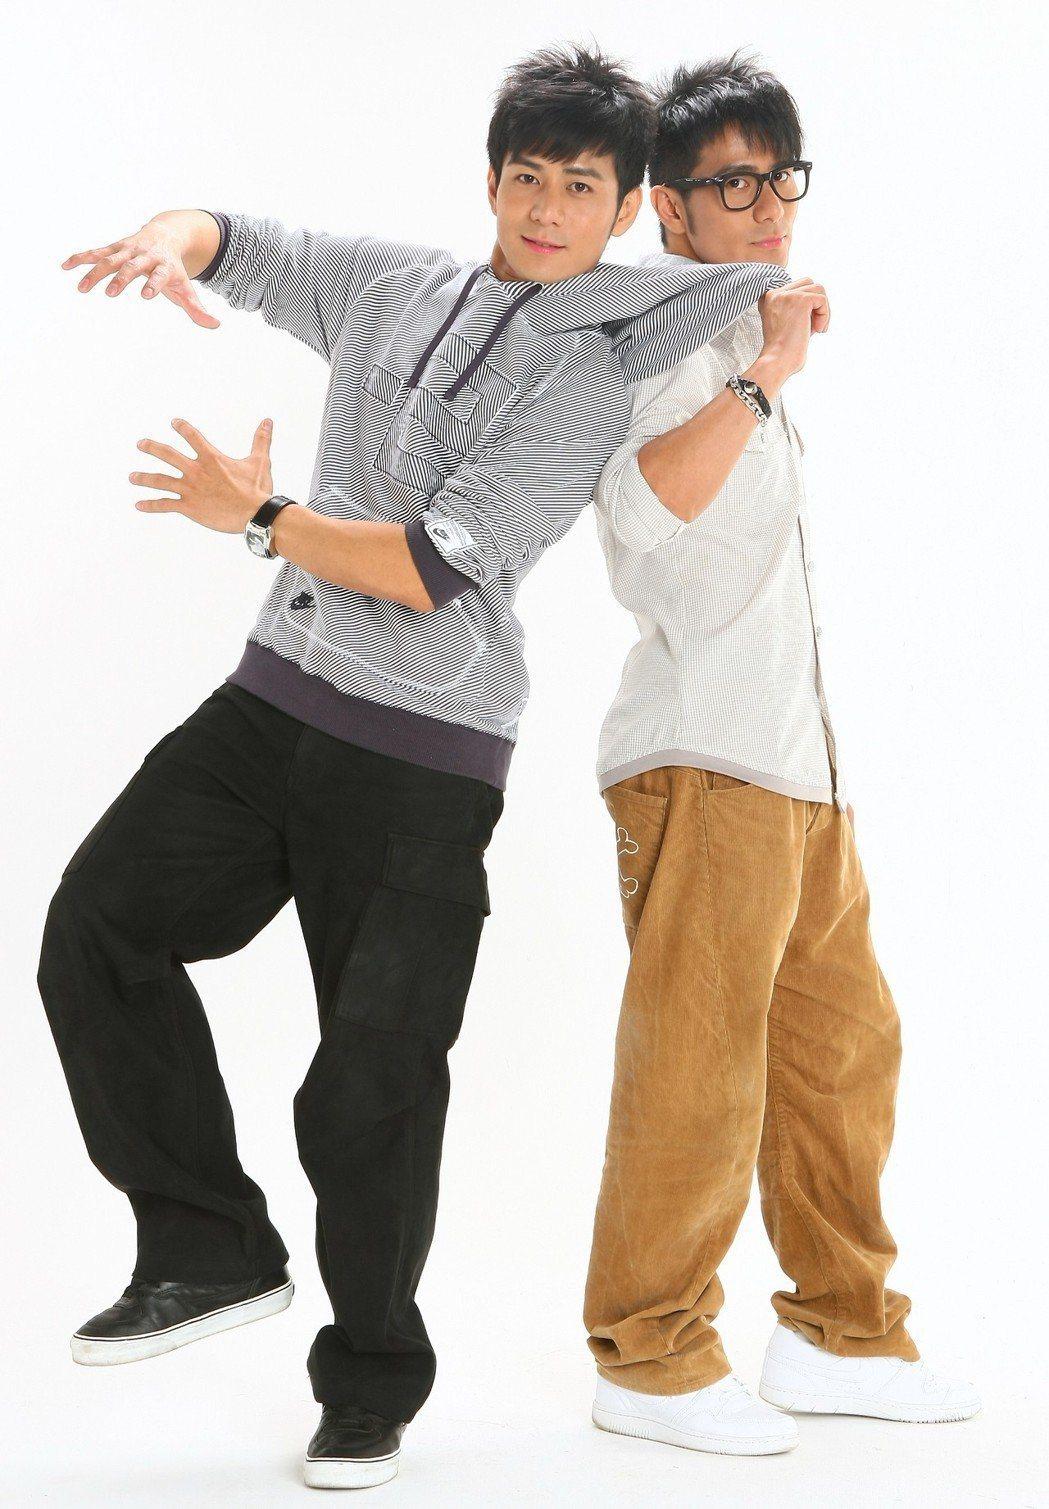 郭彥均(左)和彥甫長相神似,個性卻截然不同。圖/聯合報系資料照